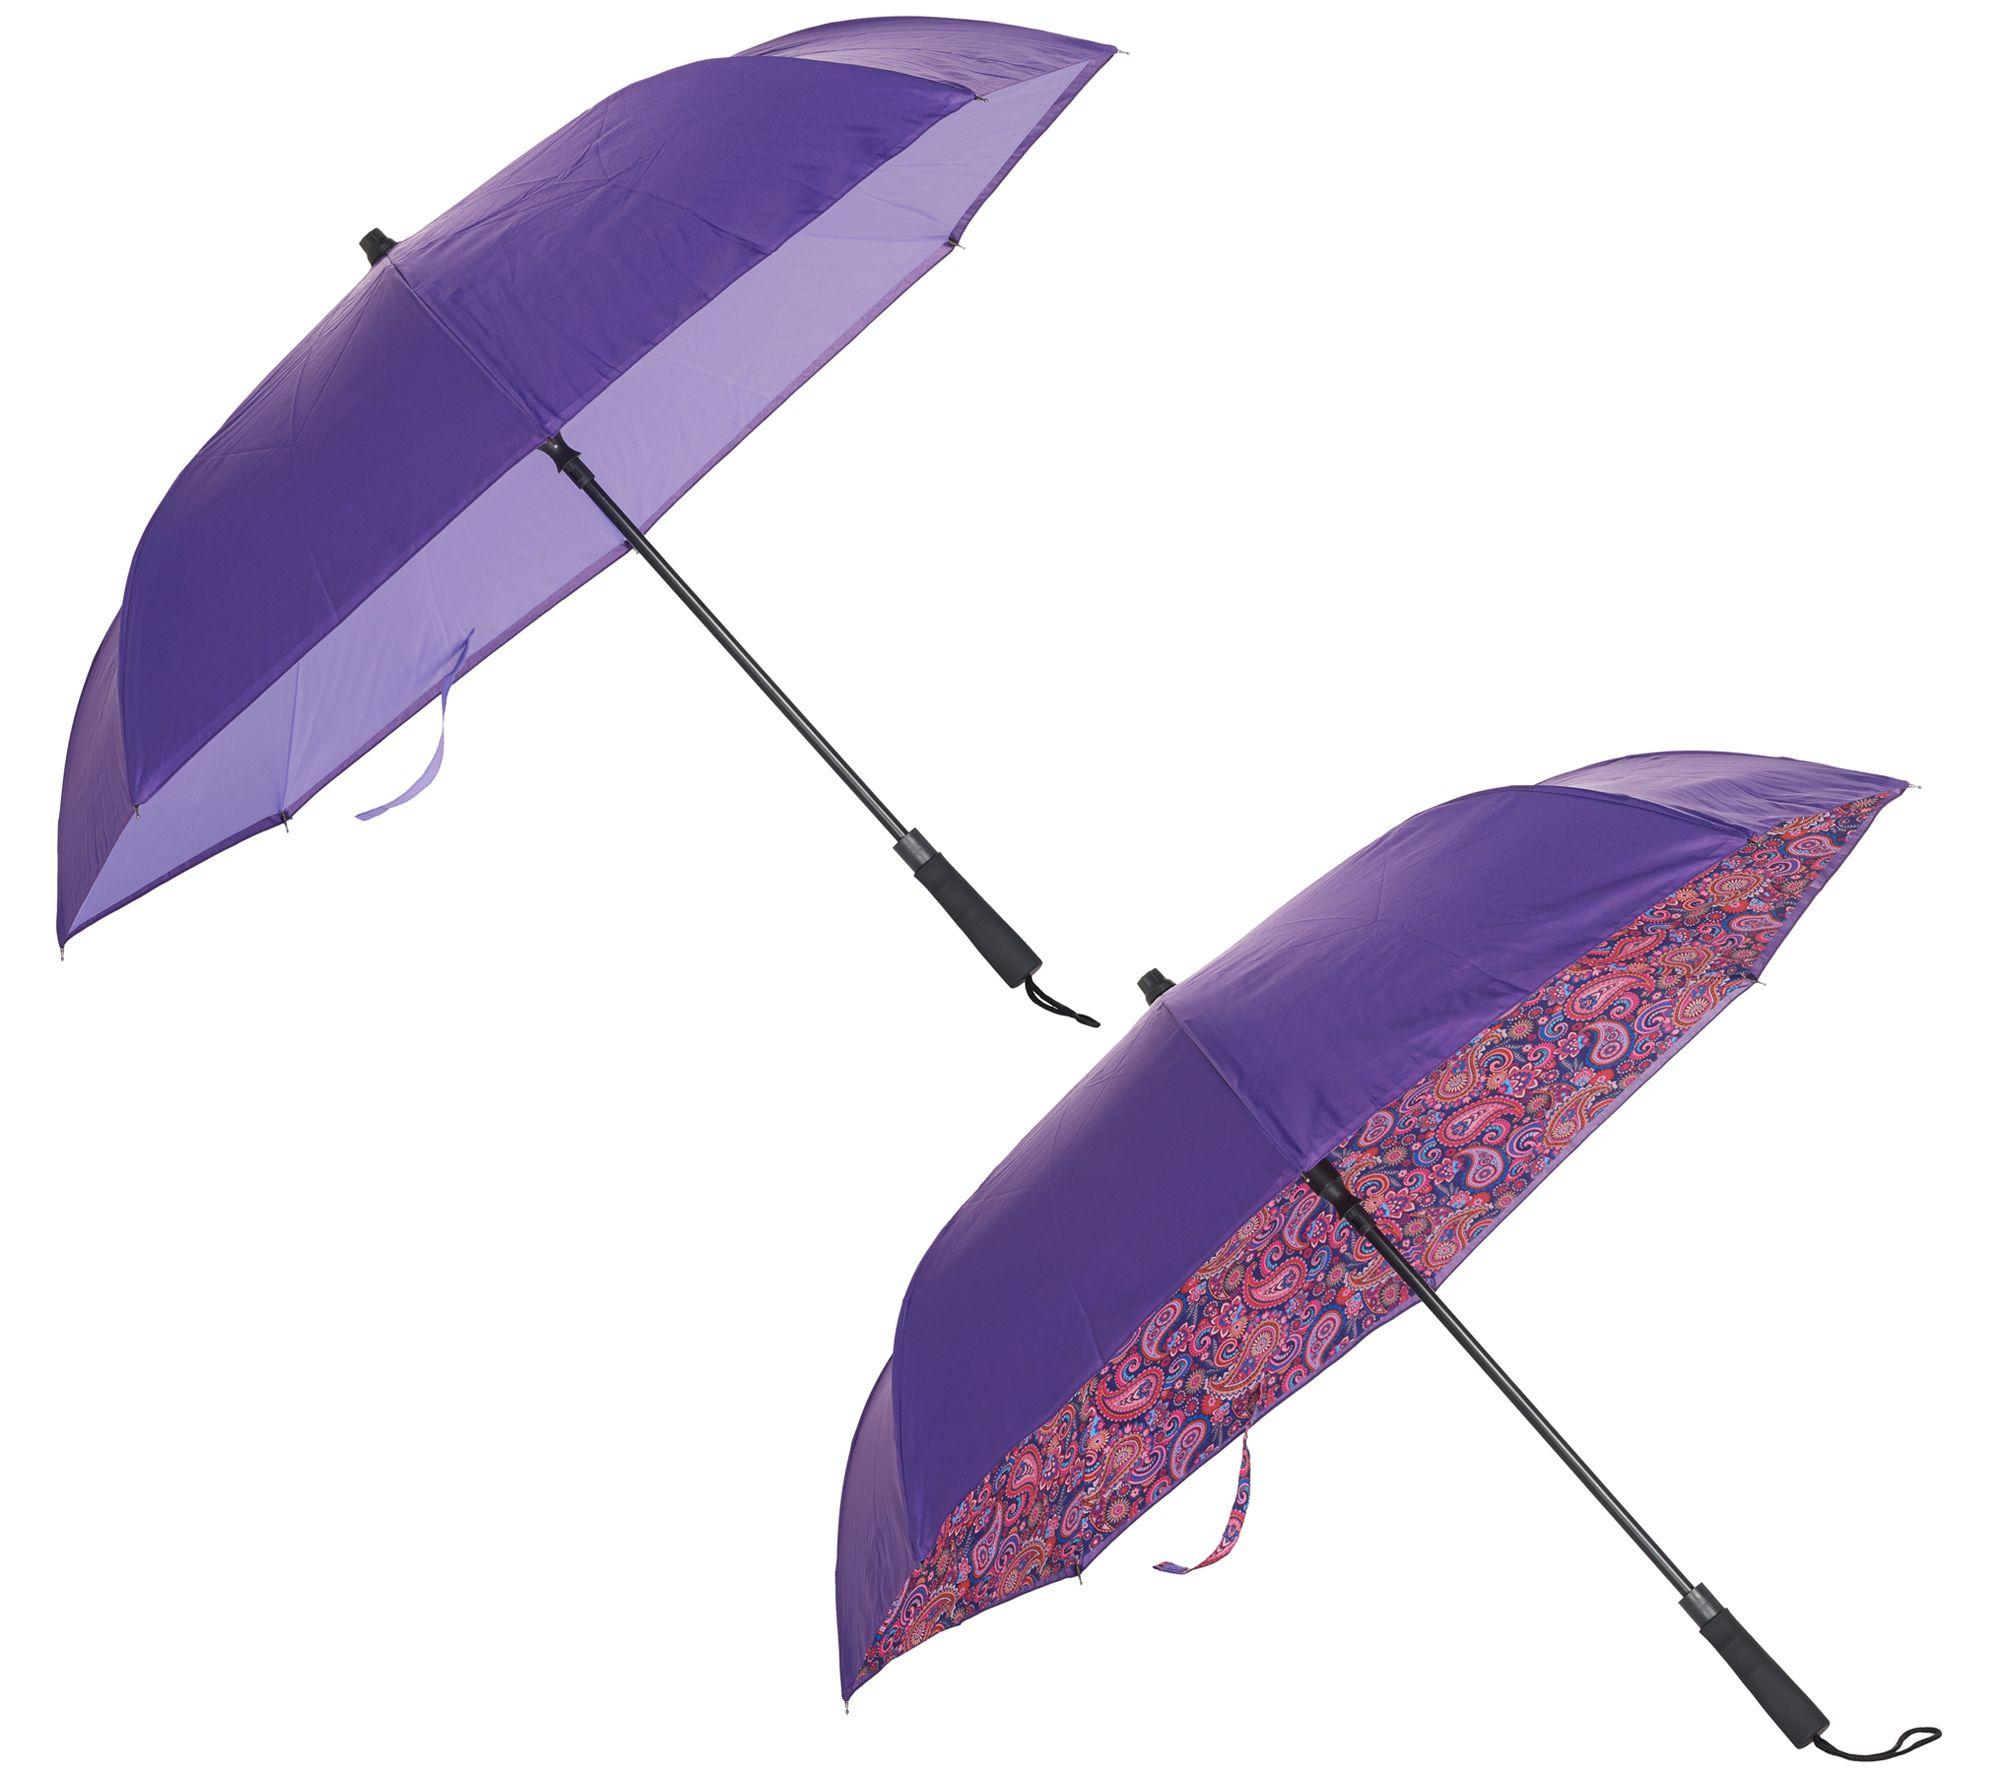 05253c7646a8 Revers-A-Brella Set of 2 Inverted Automatic Open Umbrellas — QVC.com